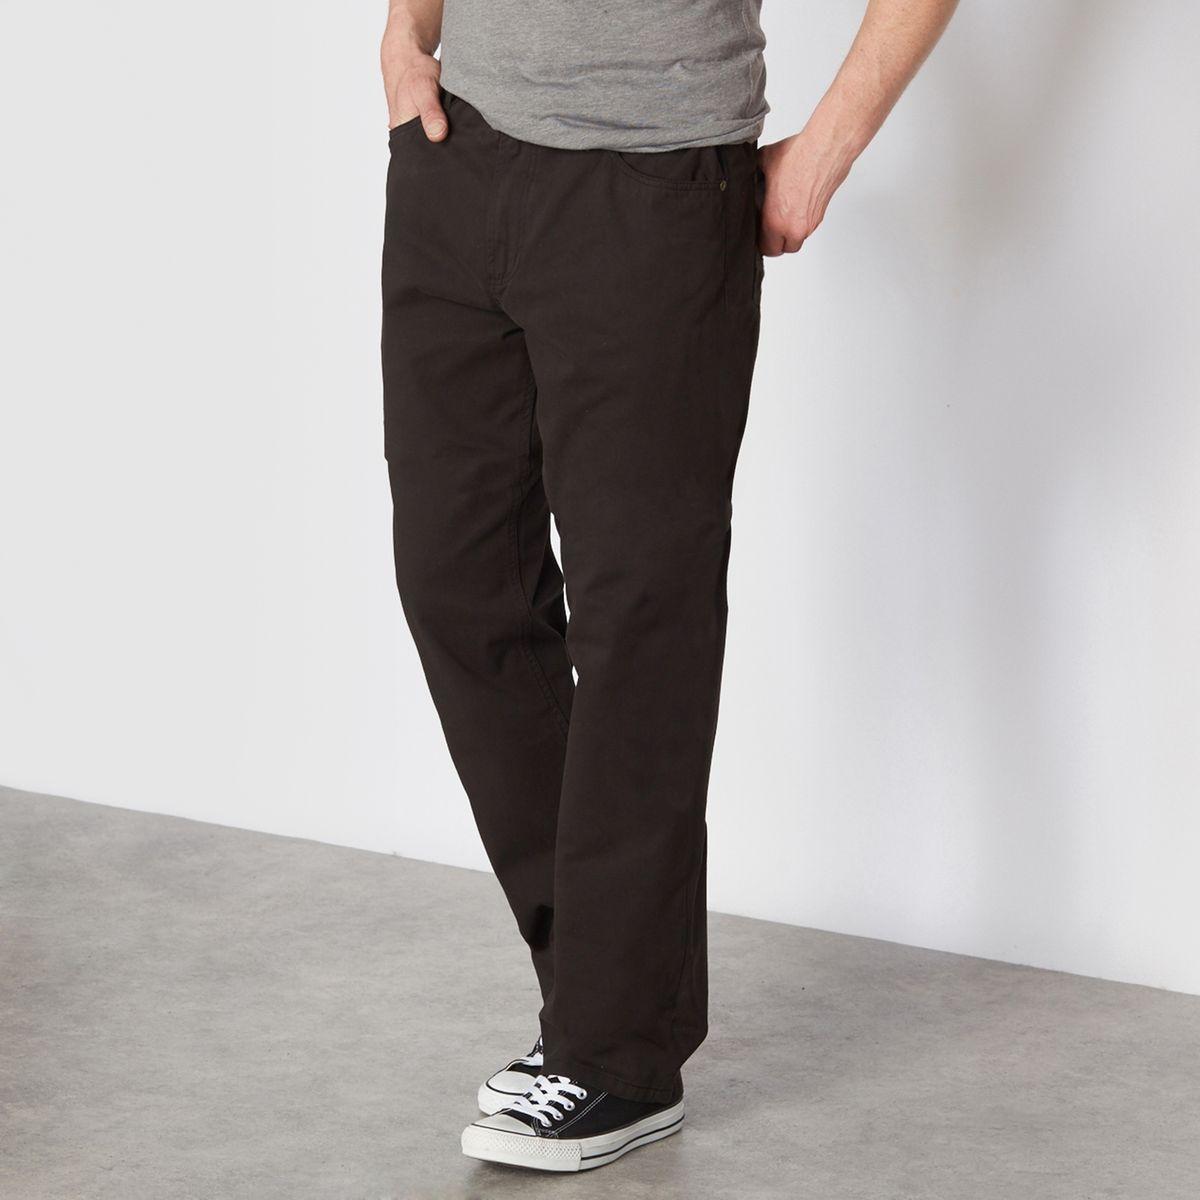 Pantalon 5 poches, long. 2 (à partir de 1,87 m)